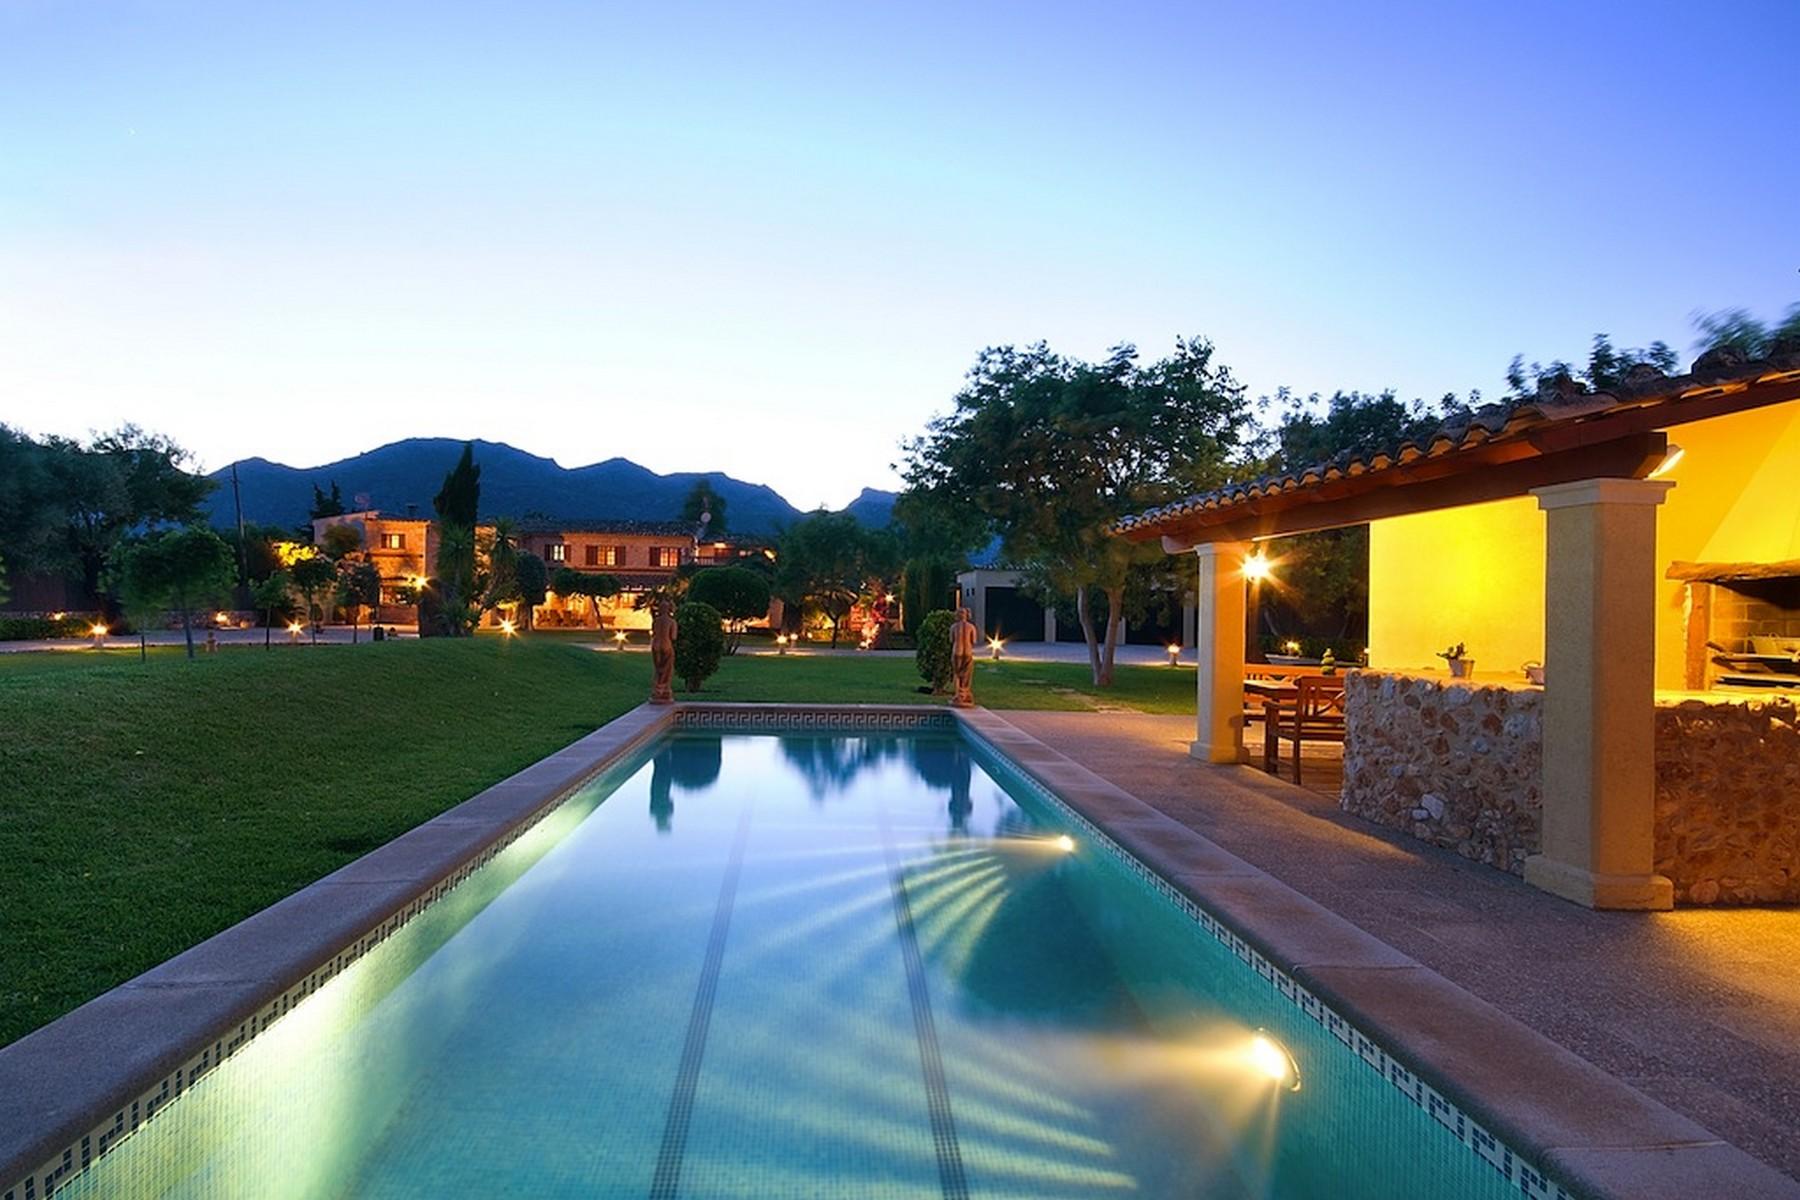 Частный односемейный дом для того Продажа на Majorcan villa in Pollensa Pollensa, Майорка, 07157 Испания